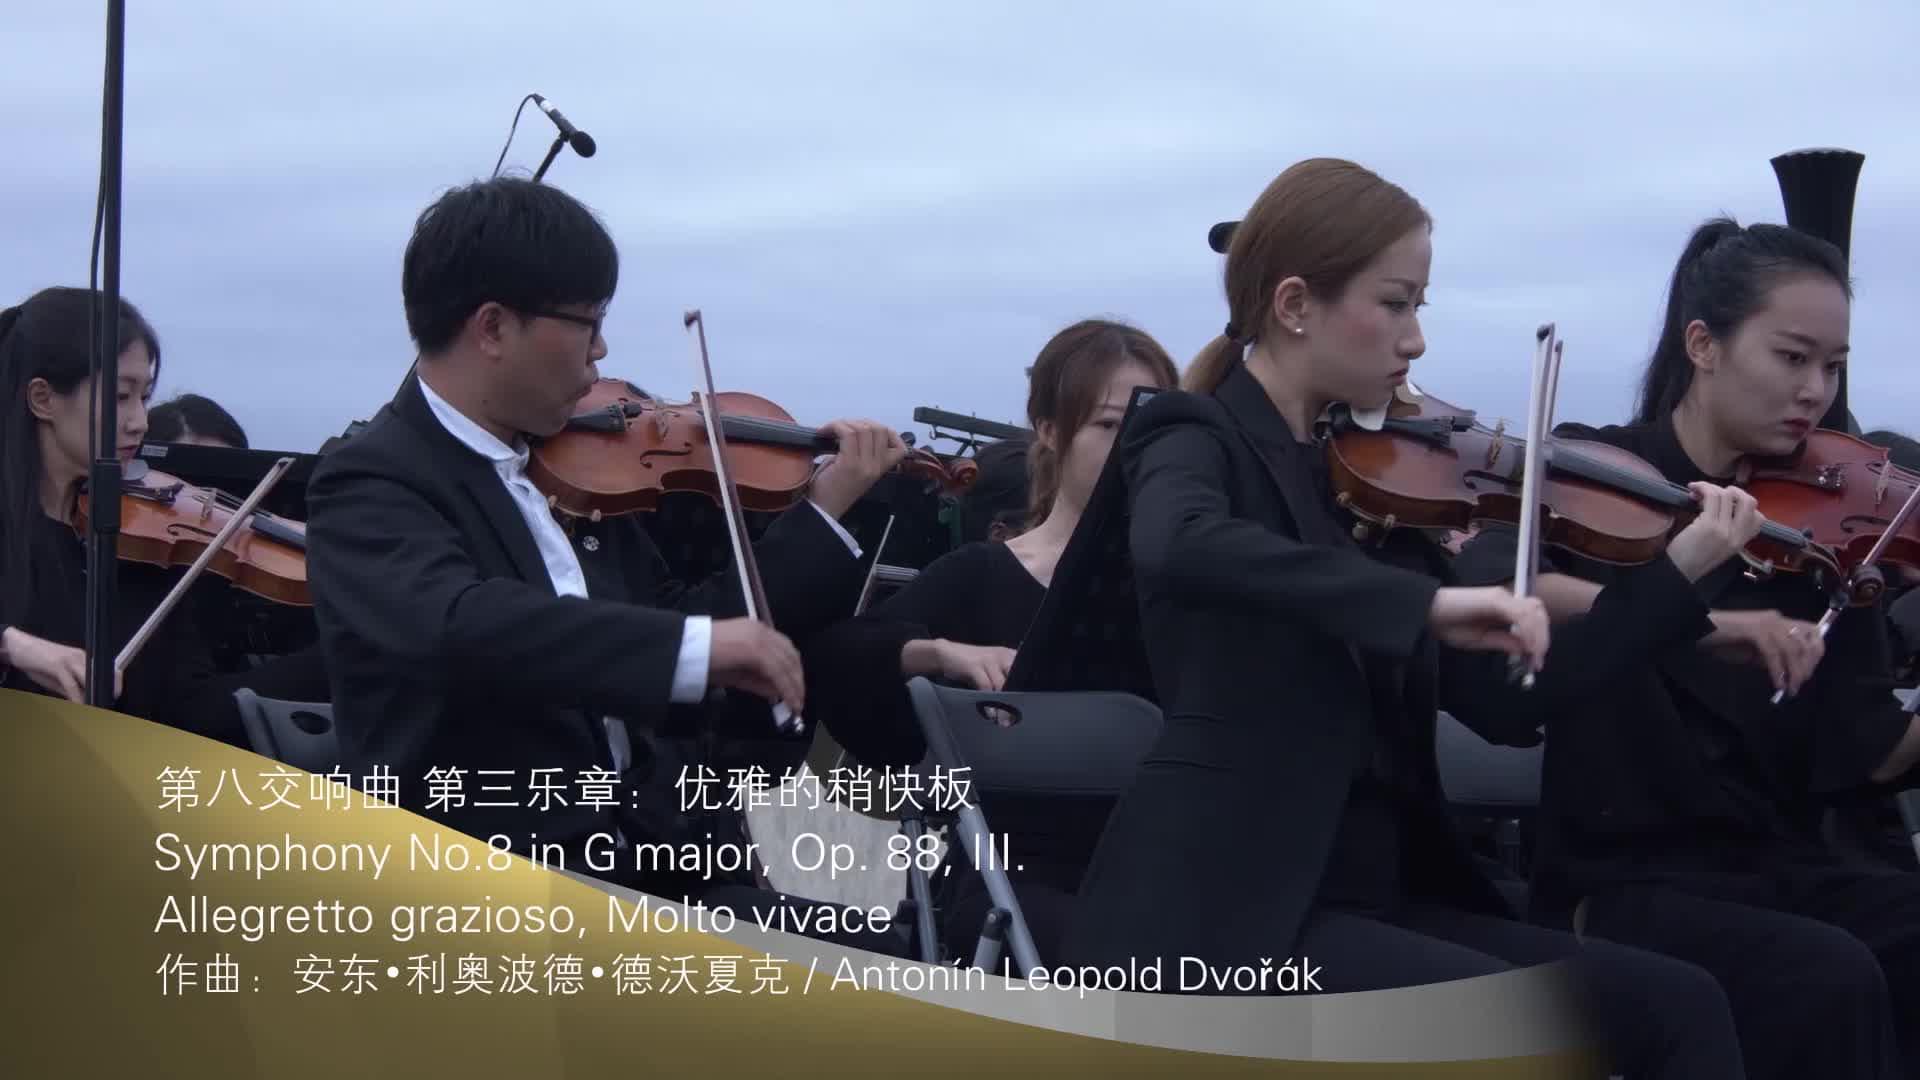 汉中问茶之第八交响曲 第三乐章:优雅的稍快板